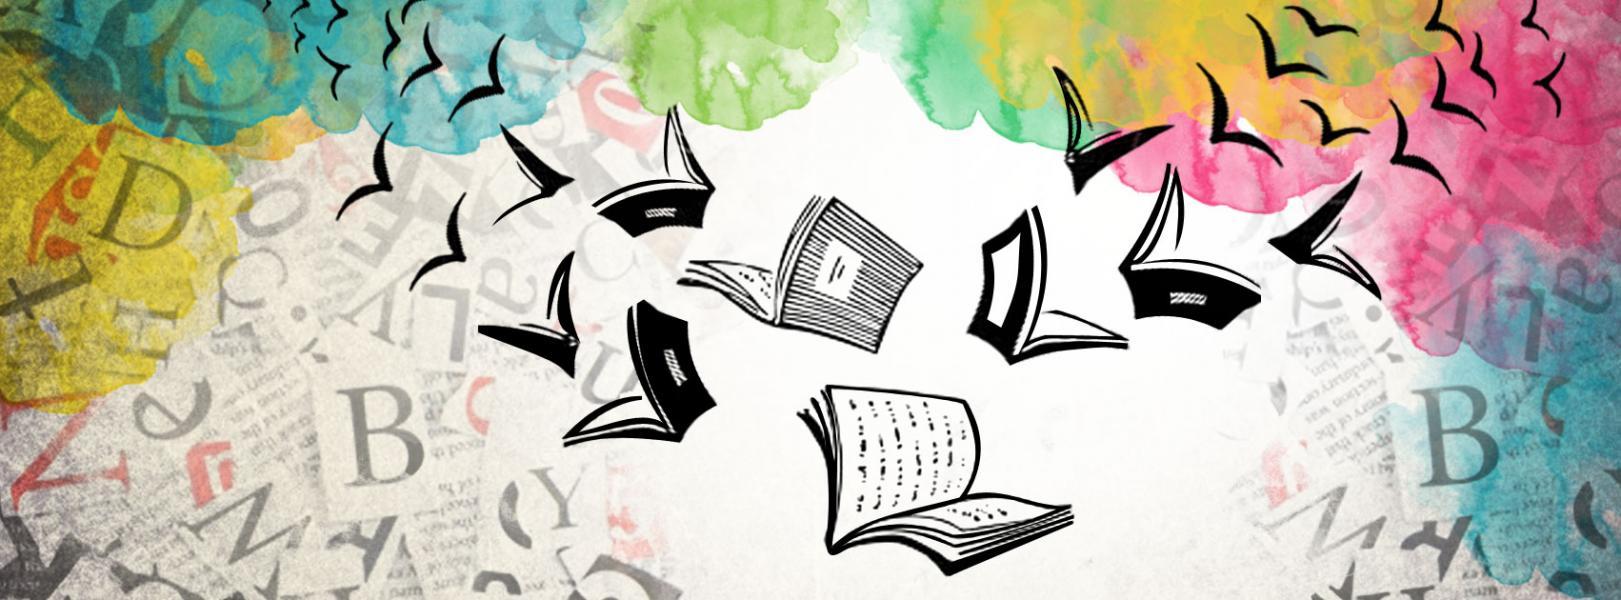 Summer Teen Writing Camp - week one